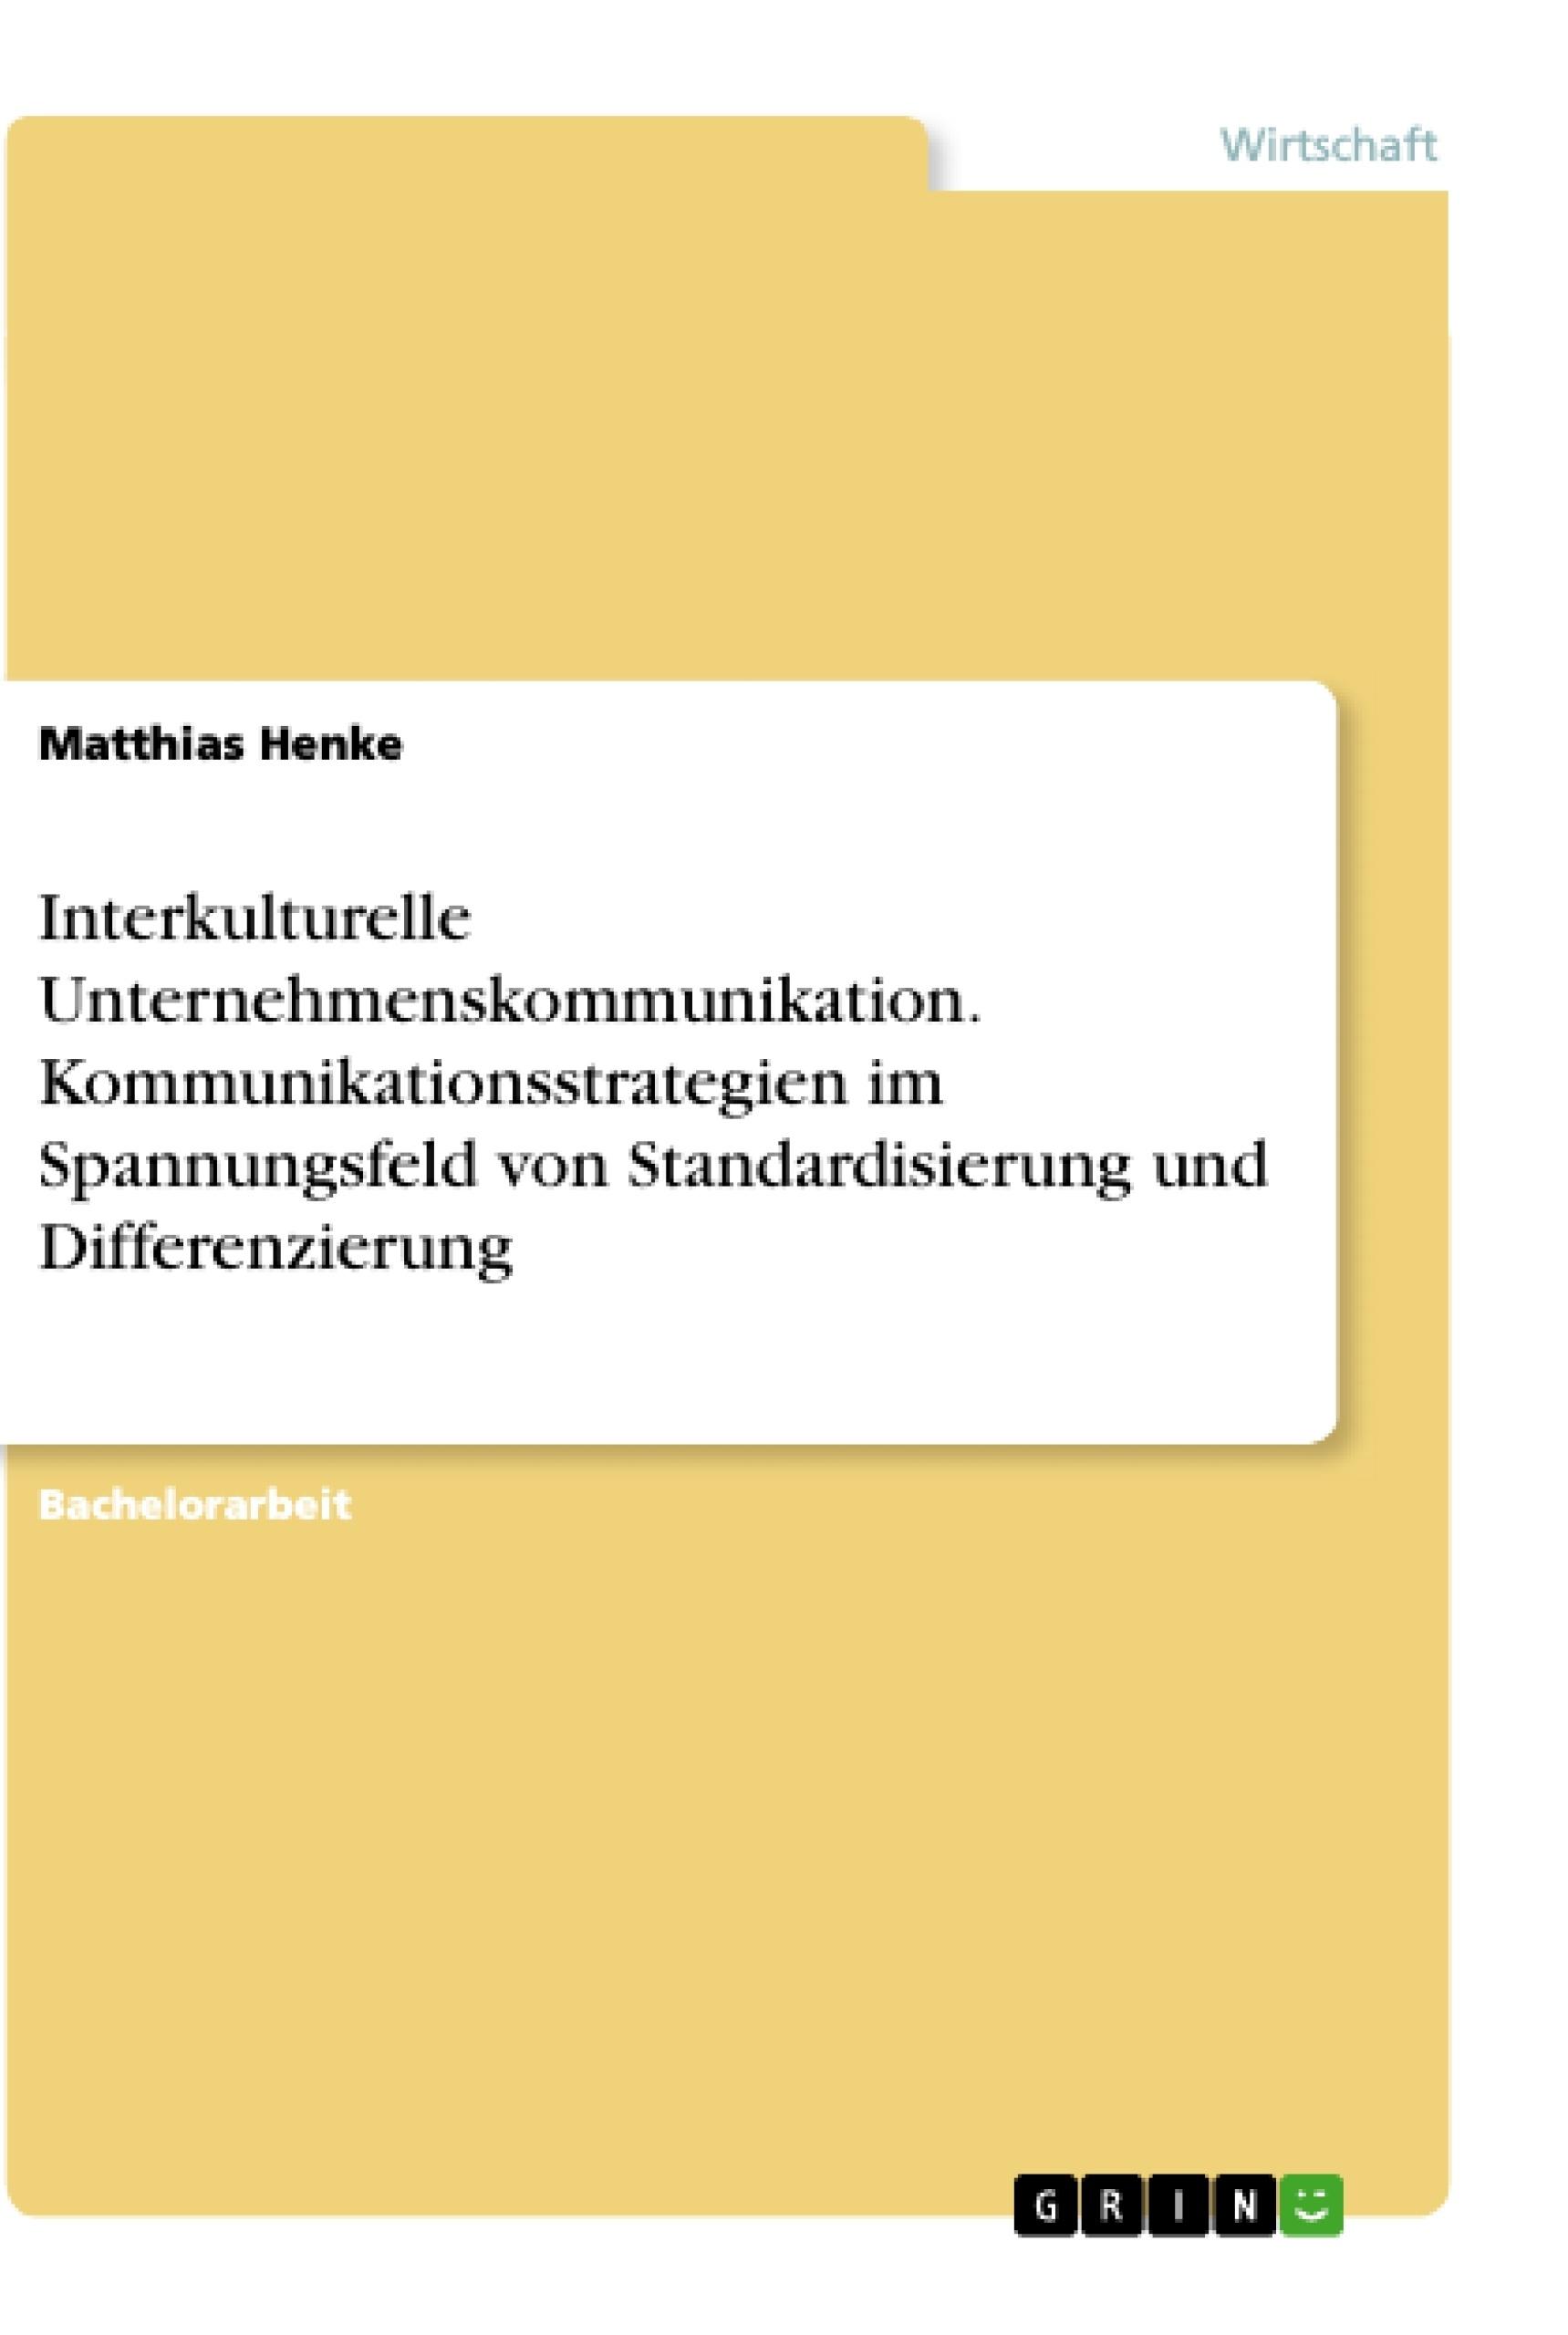 Titel: Interkulturelle Unternehmenskommunikation. Kommunikationsstrategien im Spannungsfeld von Standardisierung und Differenzierung